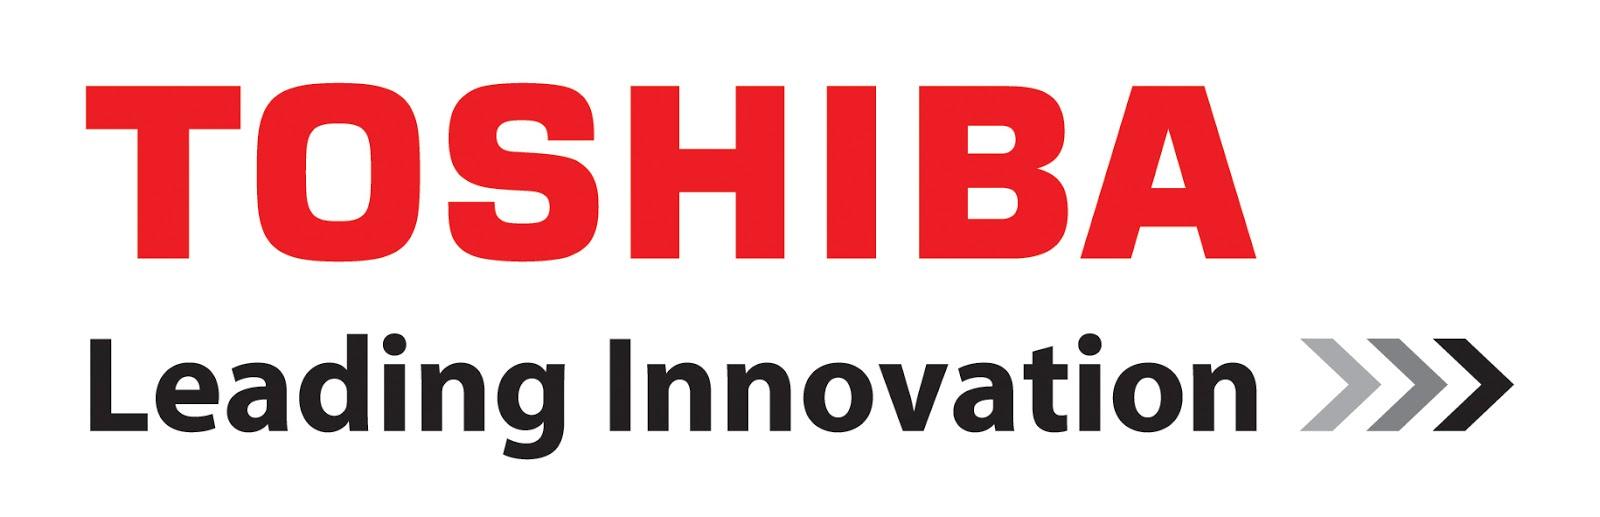 Harga Laptop Toshiba - kebanyakan masyarakat bingung dalam memilih ...